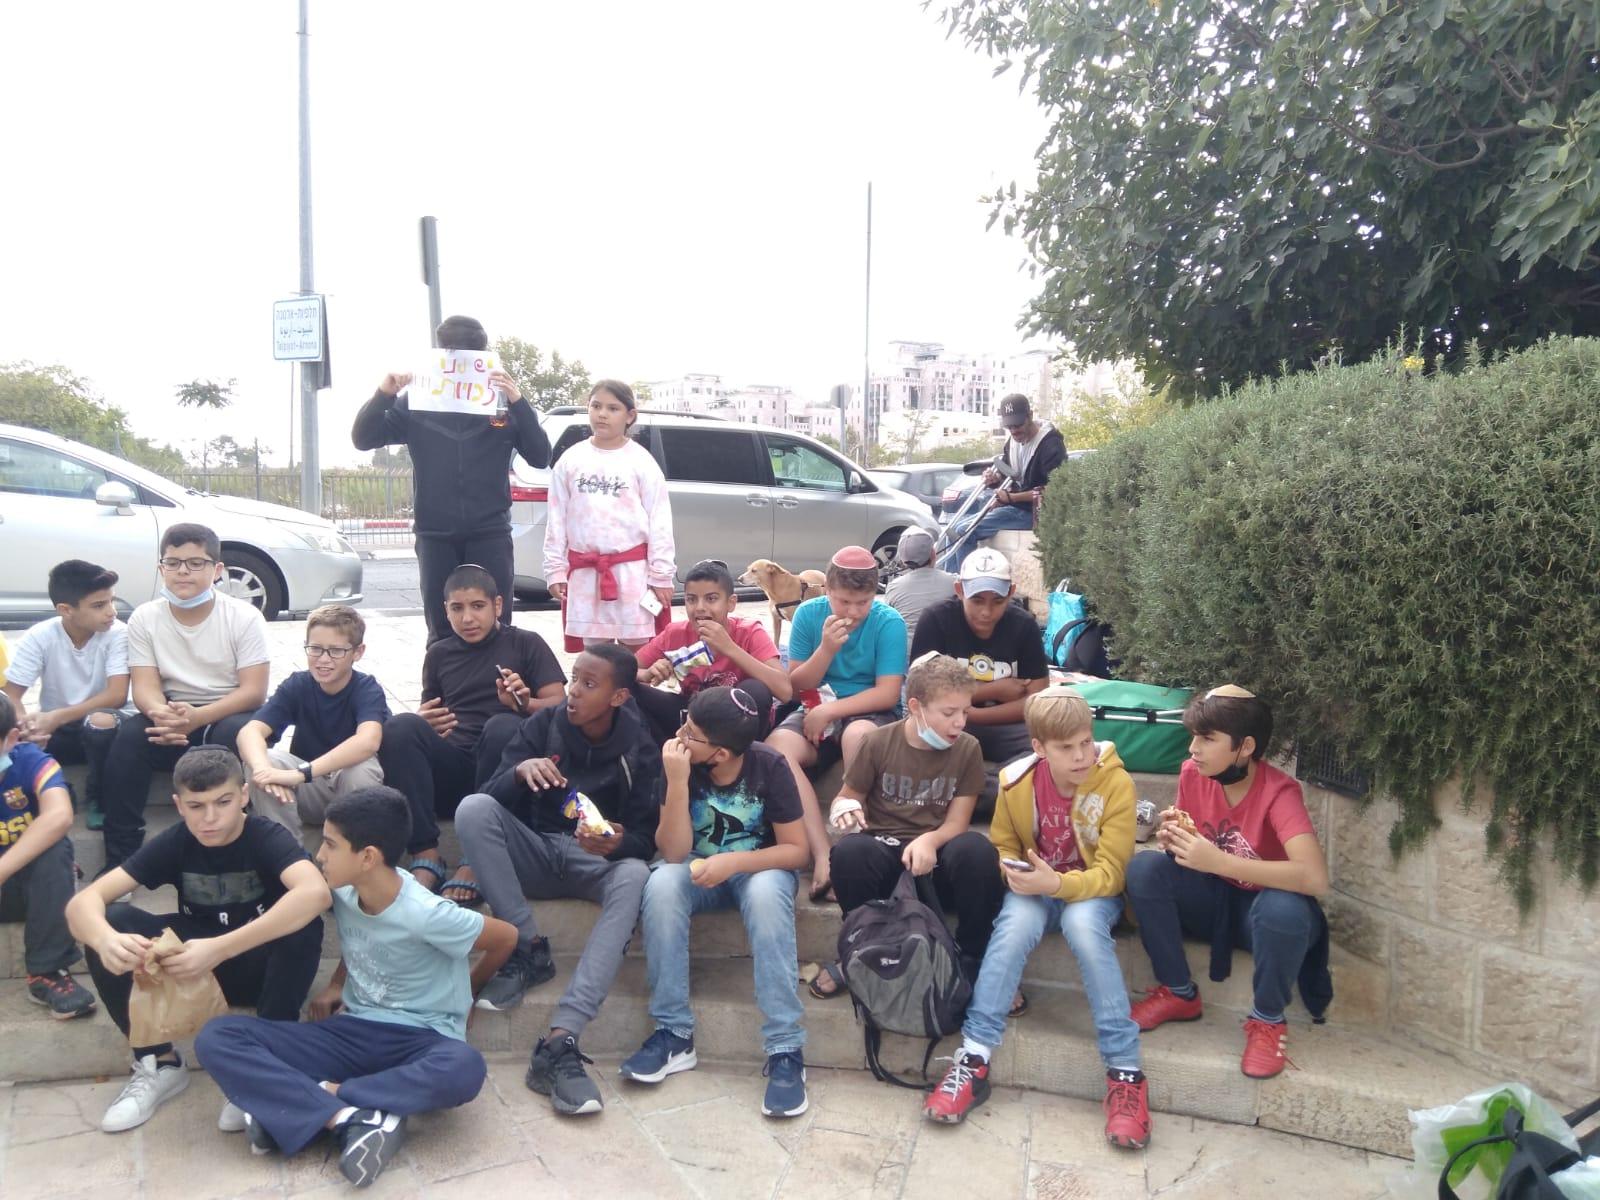 התלמידים שהצטרפו למאבק (צילום: פרטי)